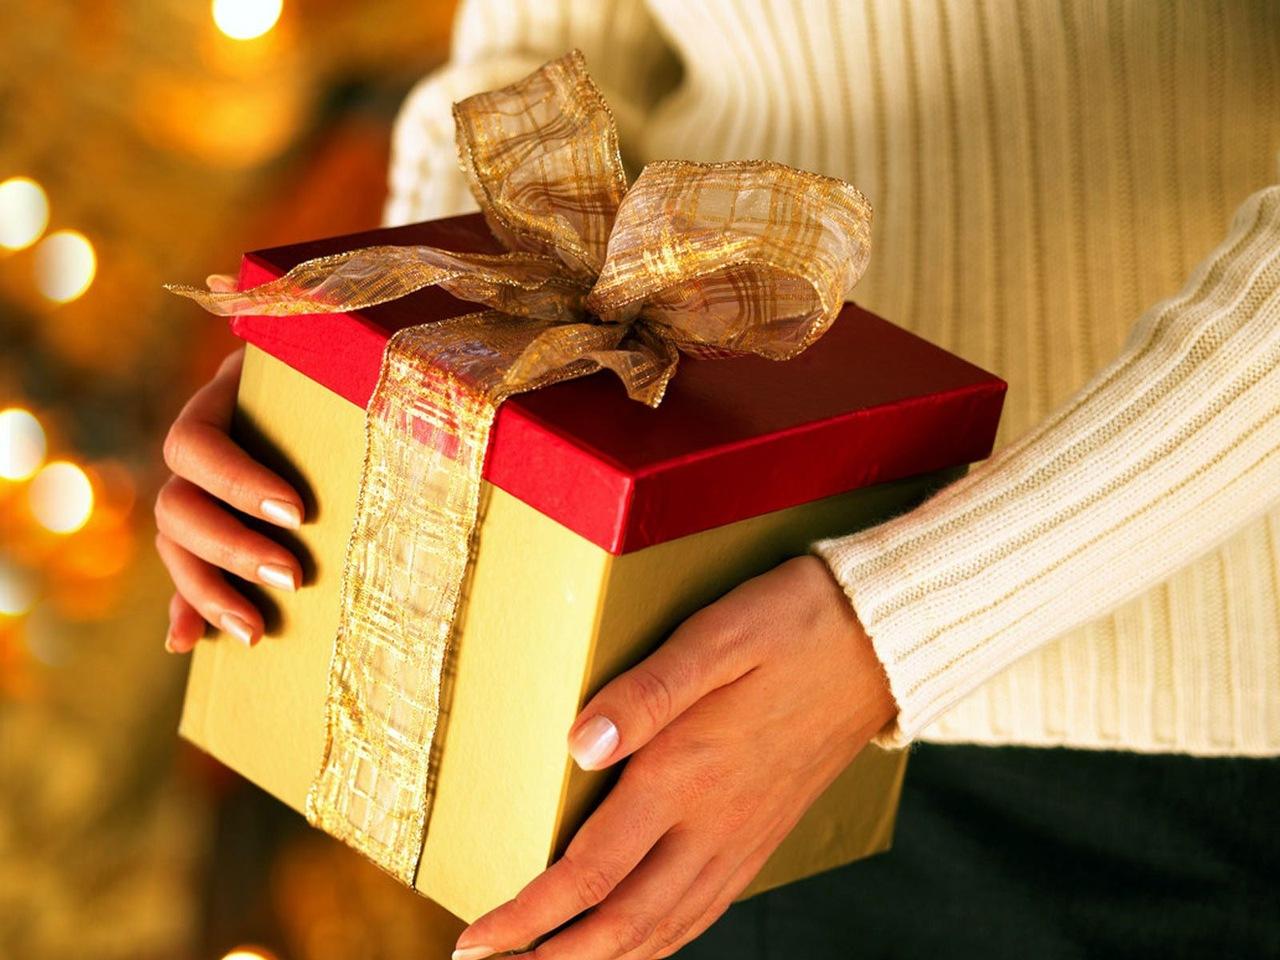 Що подарувати на новий 2012 рік?